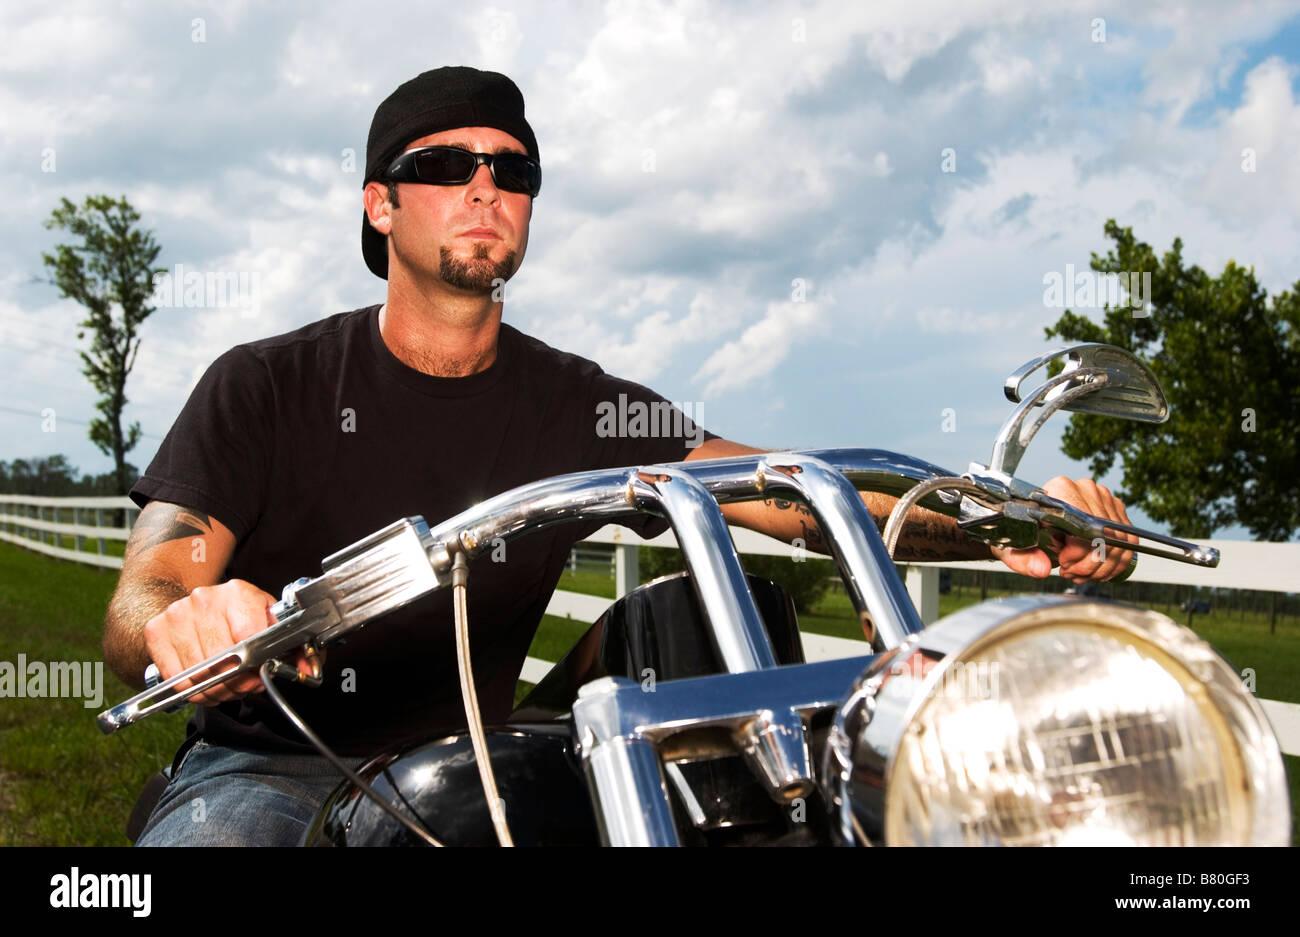 Biker In Cowboy Hat Stock Photos   Biker In Cowboy Hat Stock Images ... 238442c8b95